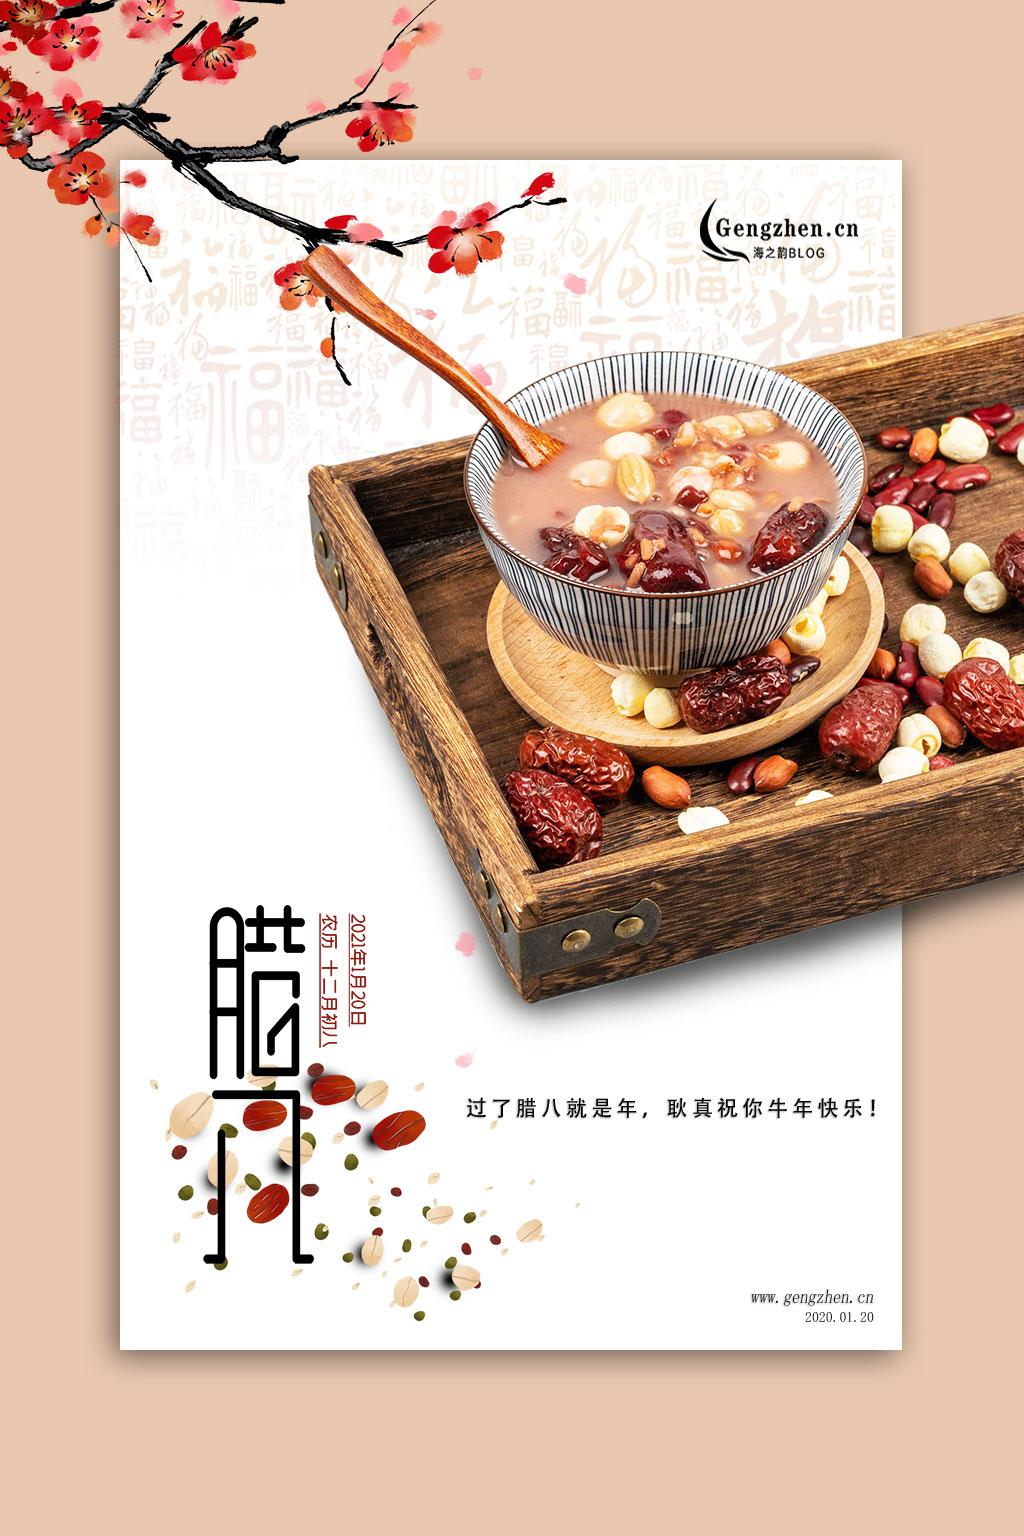 2021年01月20日 星期三 (庚子年(鼠年)腊月初八,今天是腊八节)耿真祝大家腊八节日快乐。